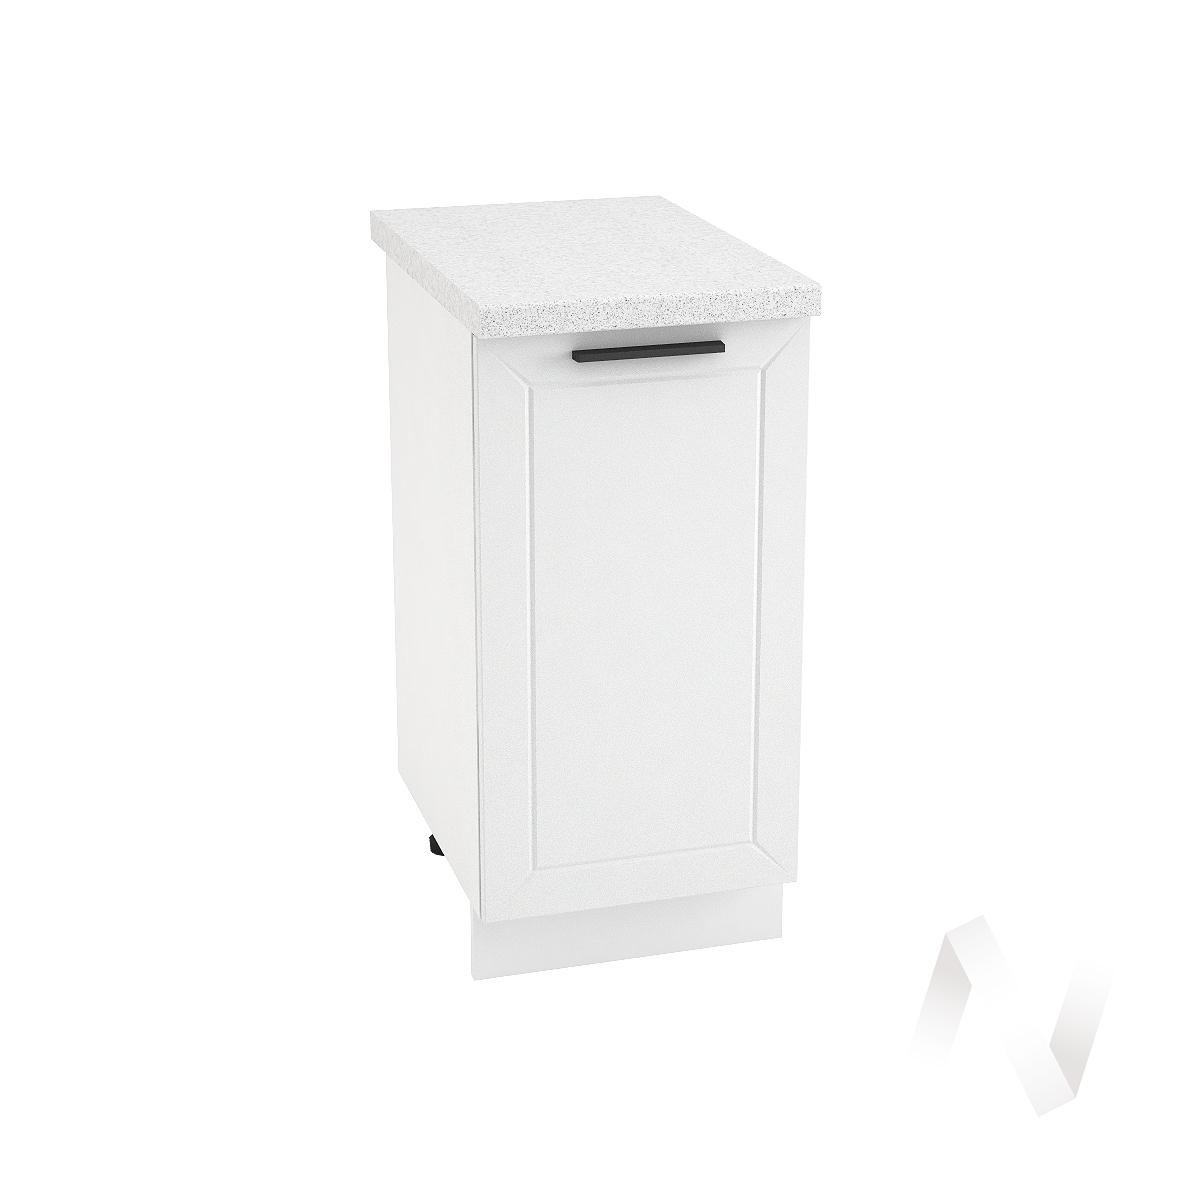 """Кухня """"Глетчер"""": Шкаф нижний 400, ШН 400 (Айленд Силк/корпус белый)"""